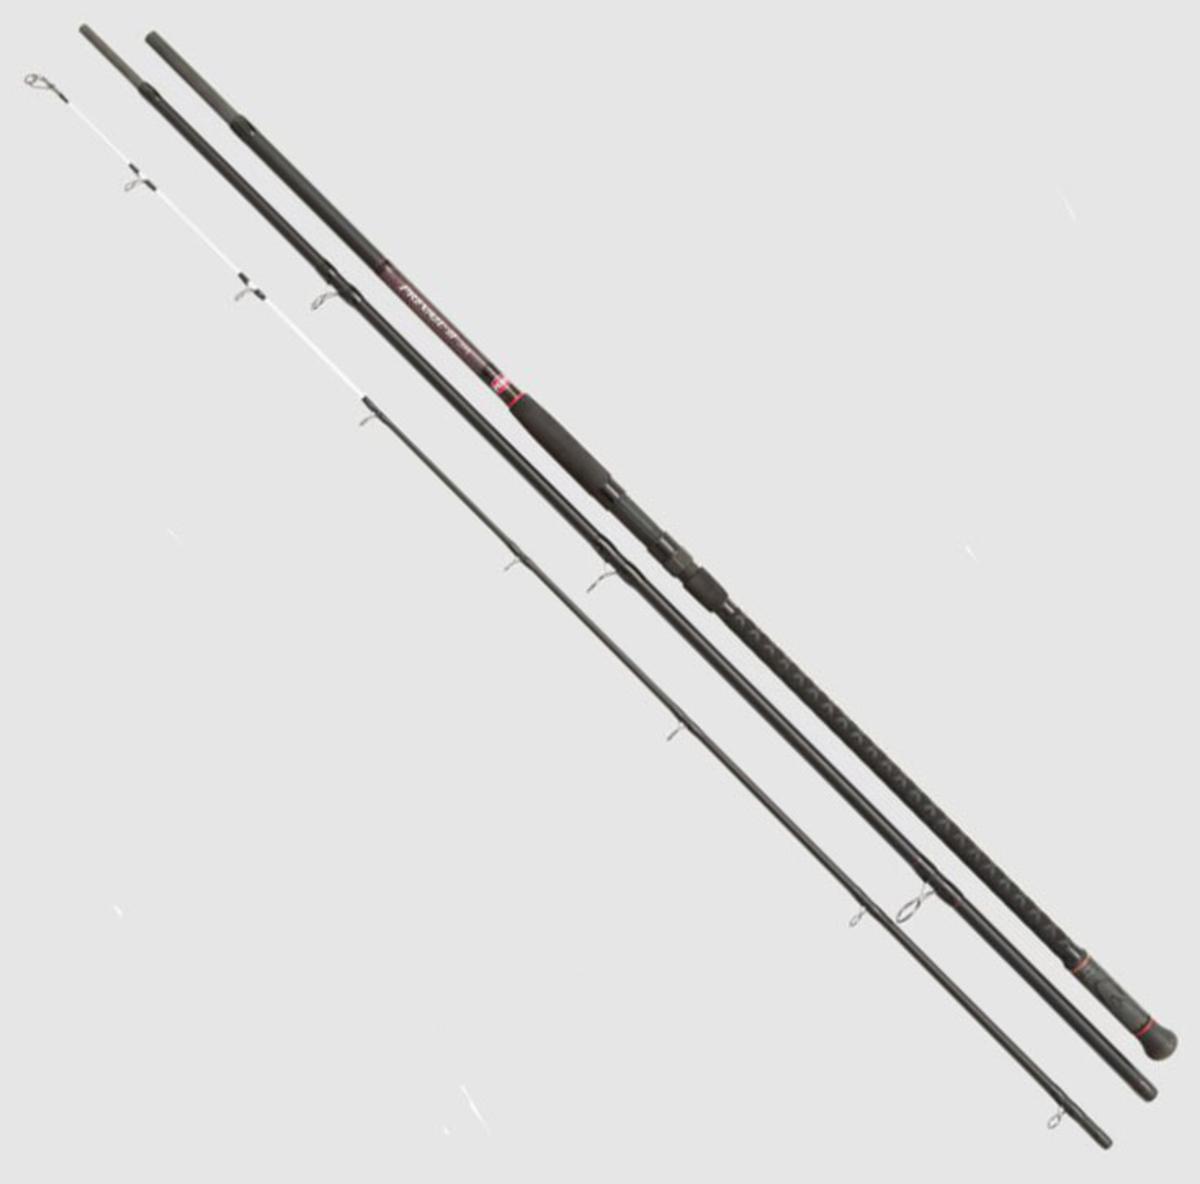 New Penn Prevail II / Mk2 Surf Fishing Rod - 14ft / 100-250g / 3pc - 1524496